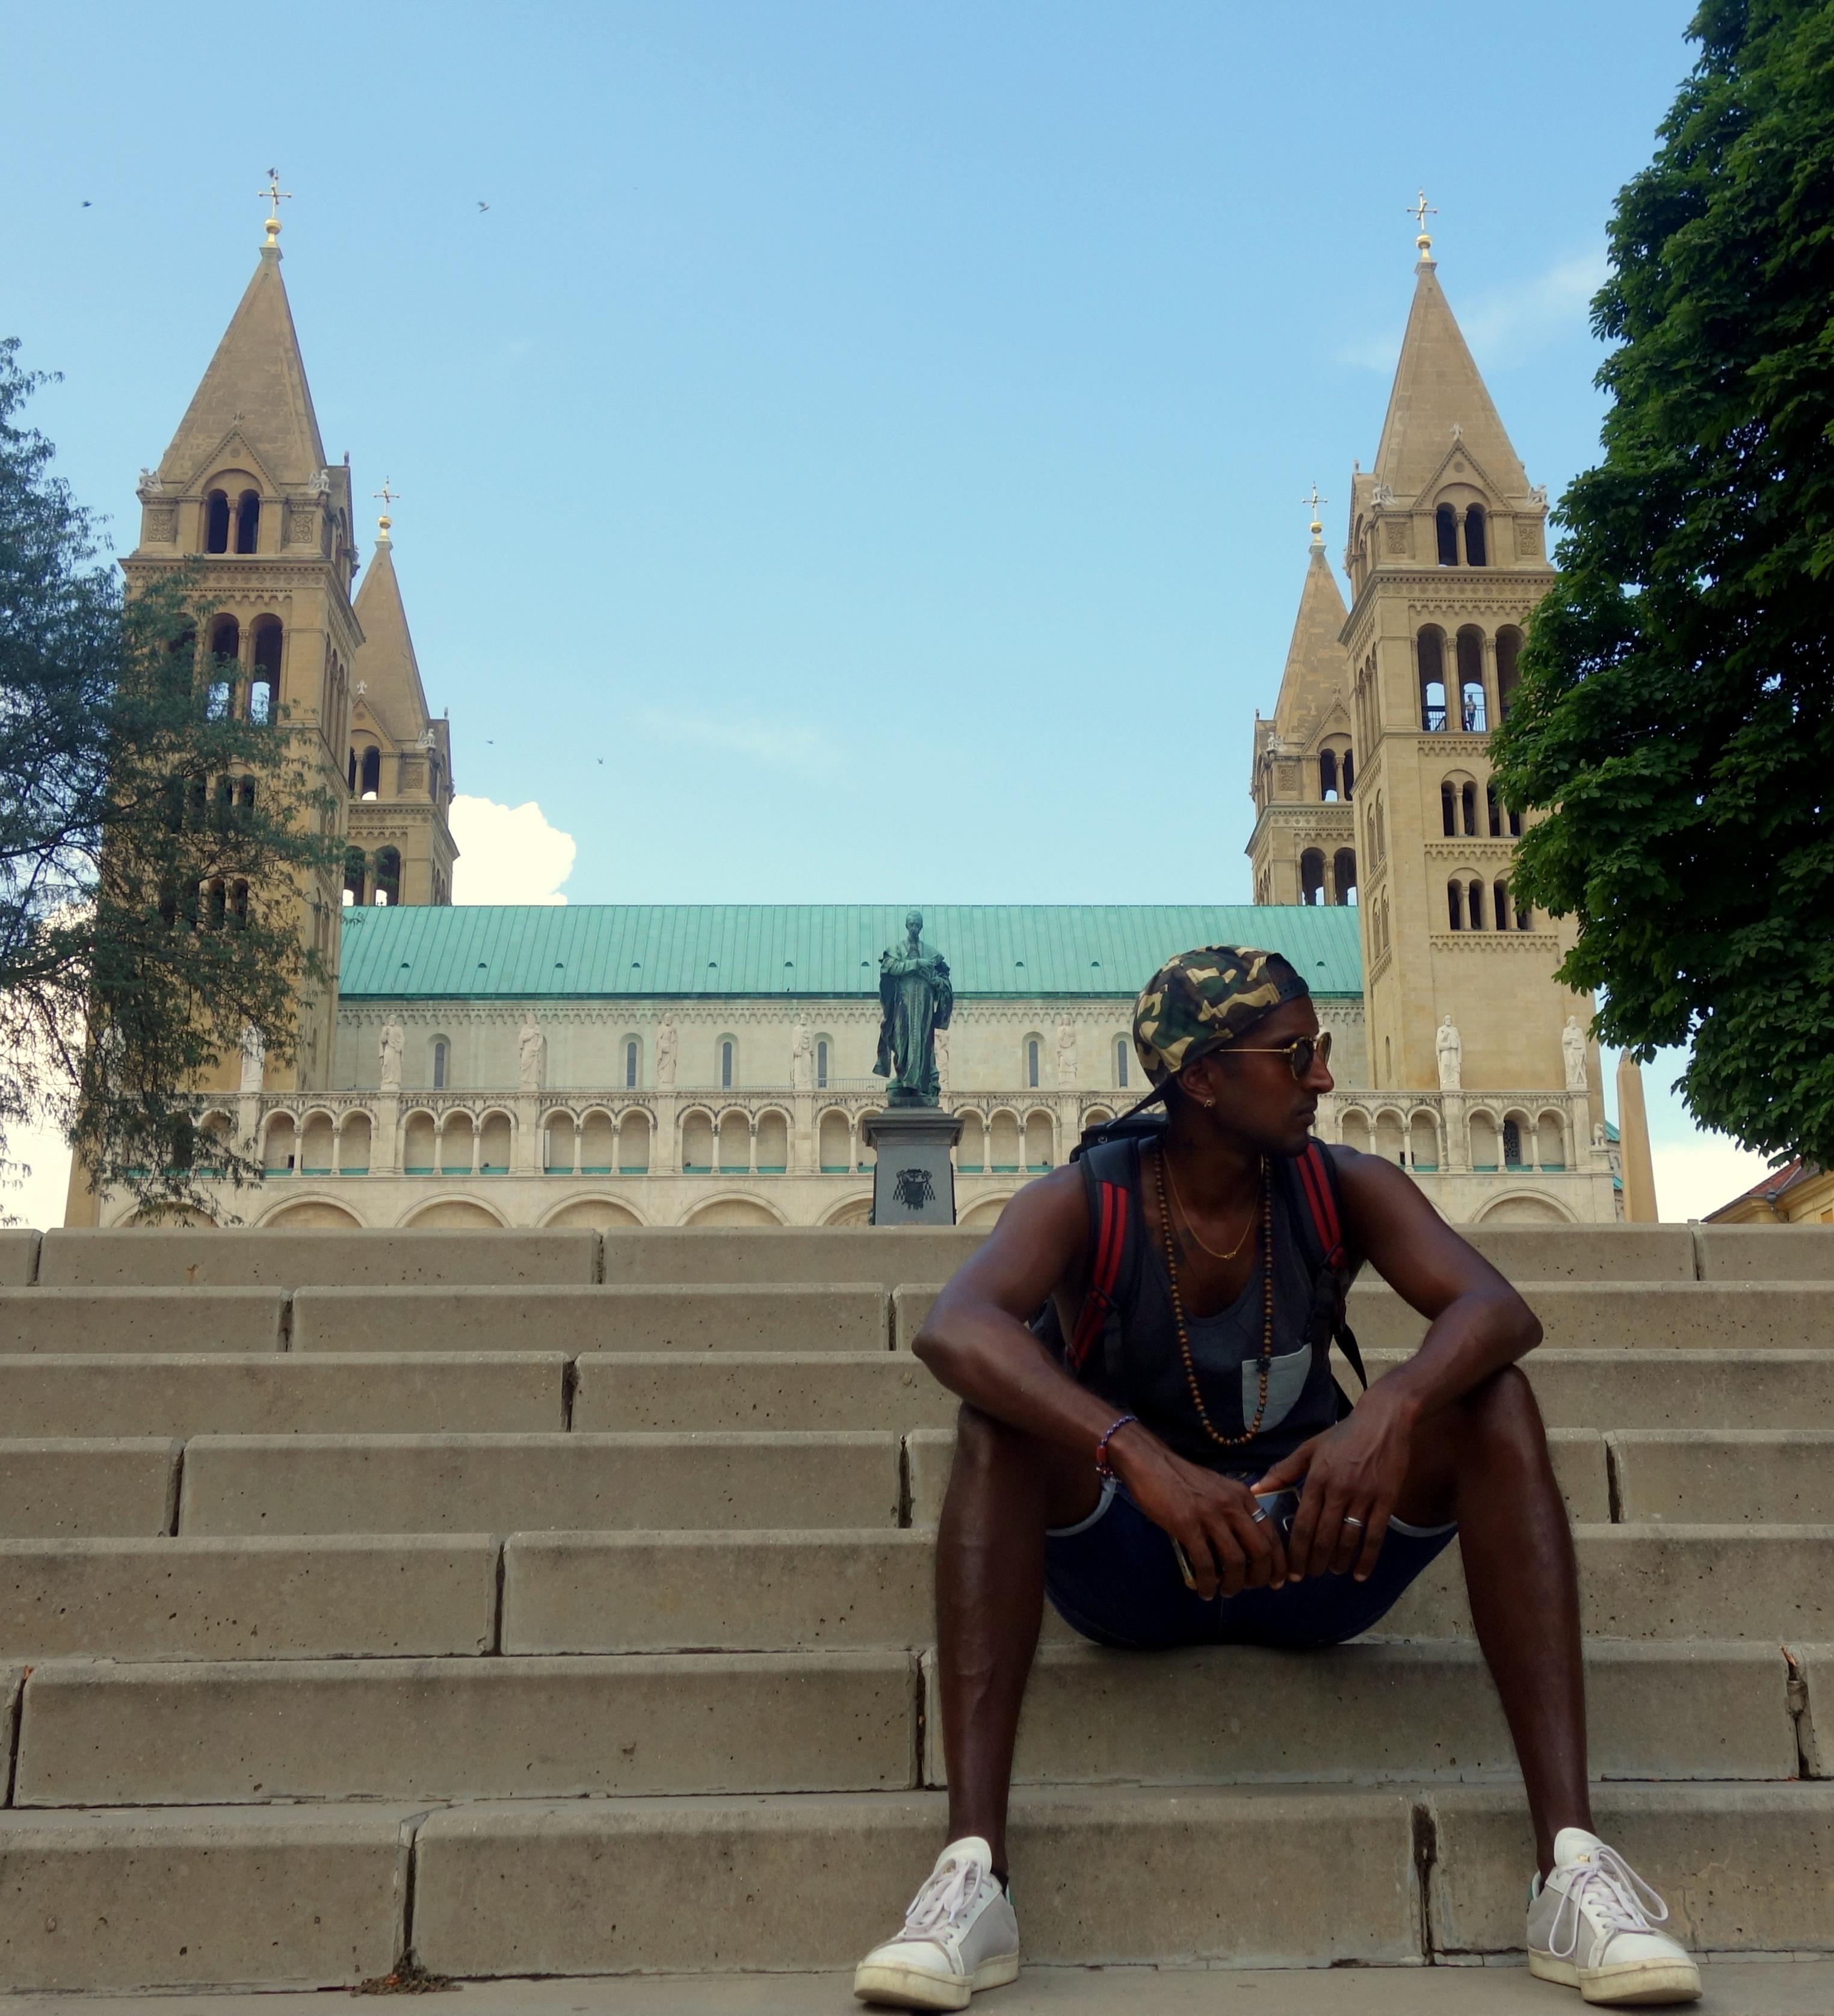 la cathédrale de Pecs